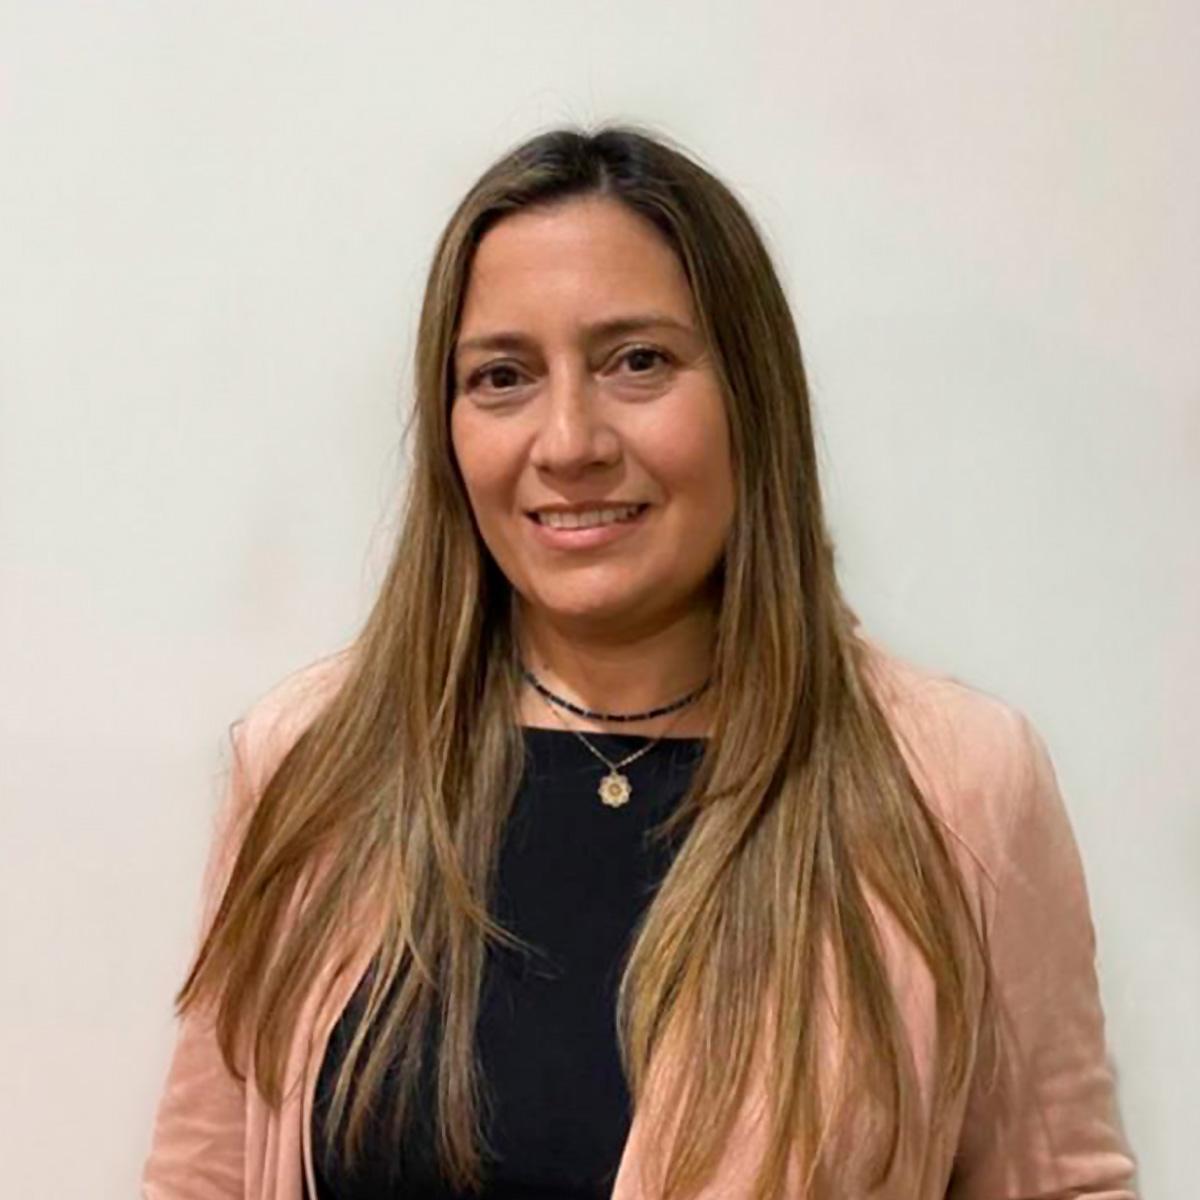 María Natalia Giménez